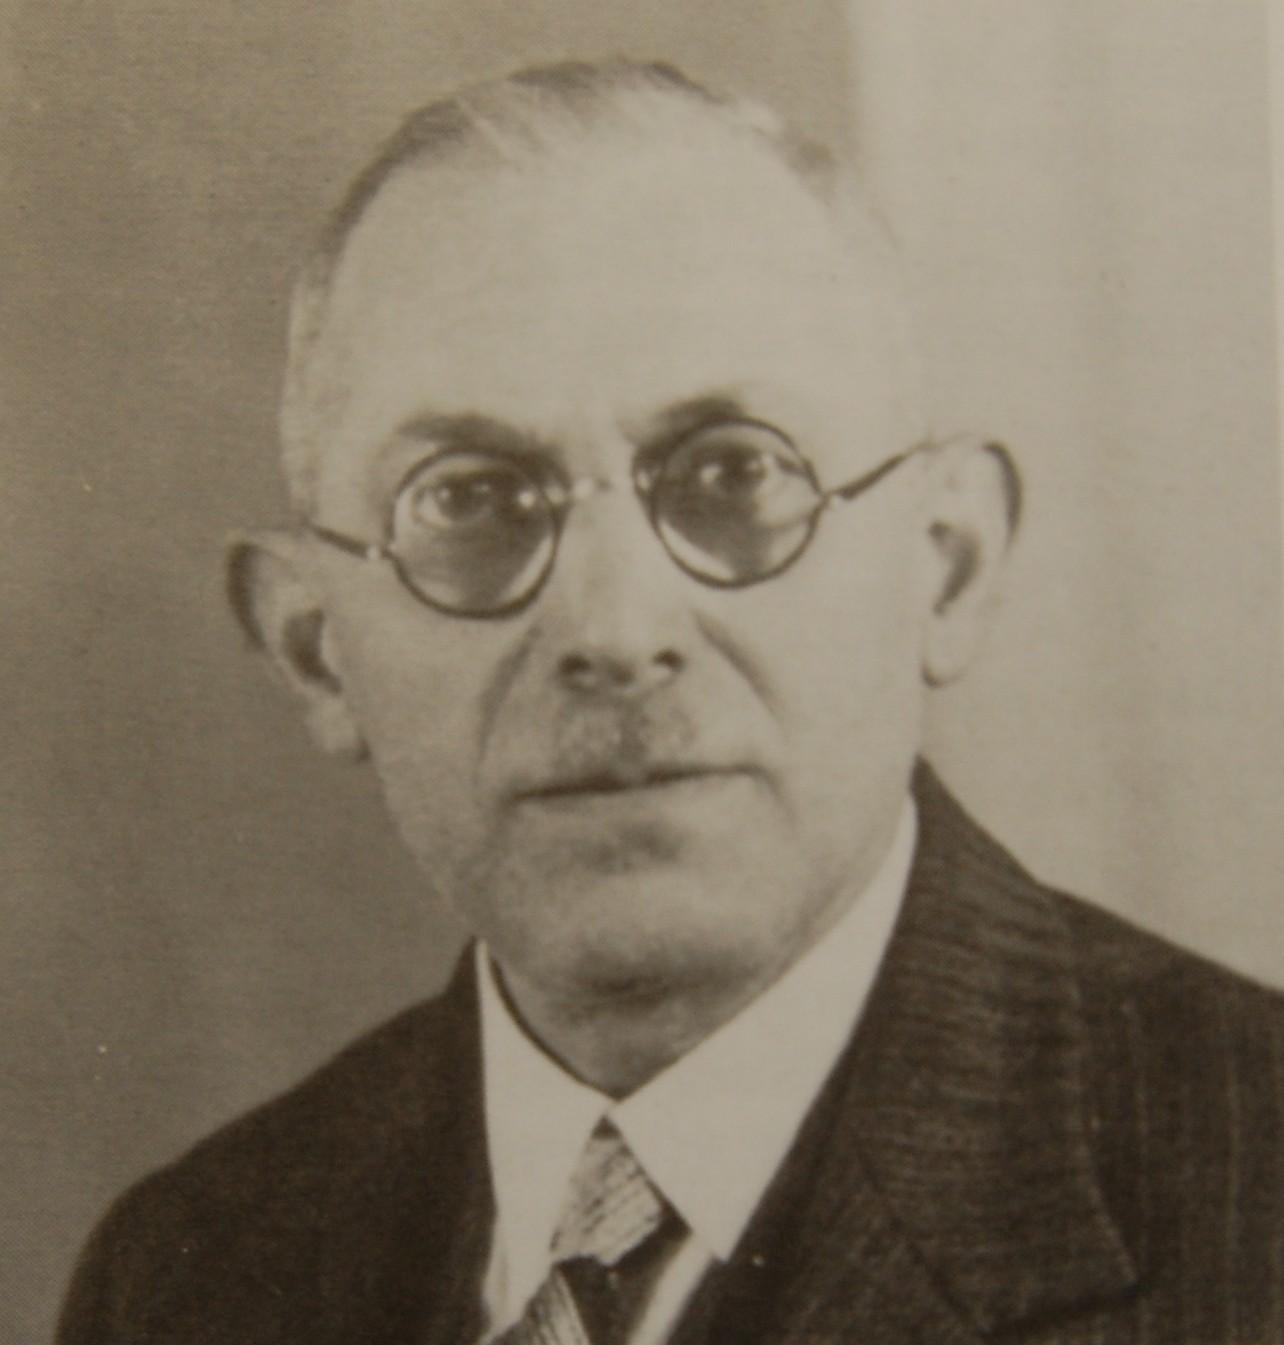 Heinrich Münster (Foto: Archiv Georg Möllers)